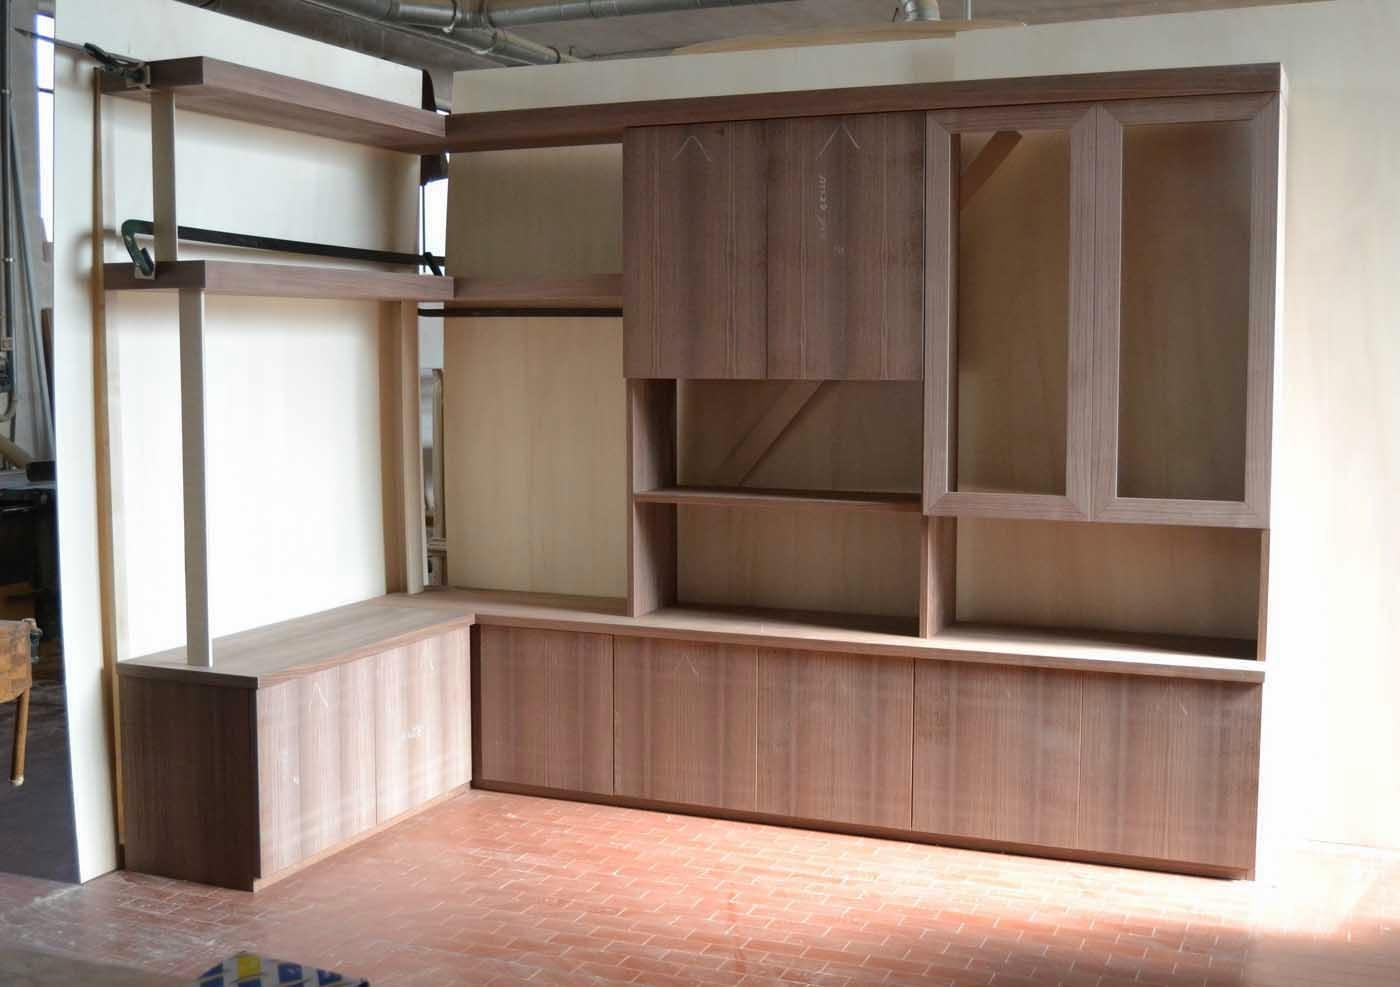 Fabbrica Mobili Da Soggiorno : Mobile da soggiorno progettato e realizzato in fabbrica